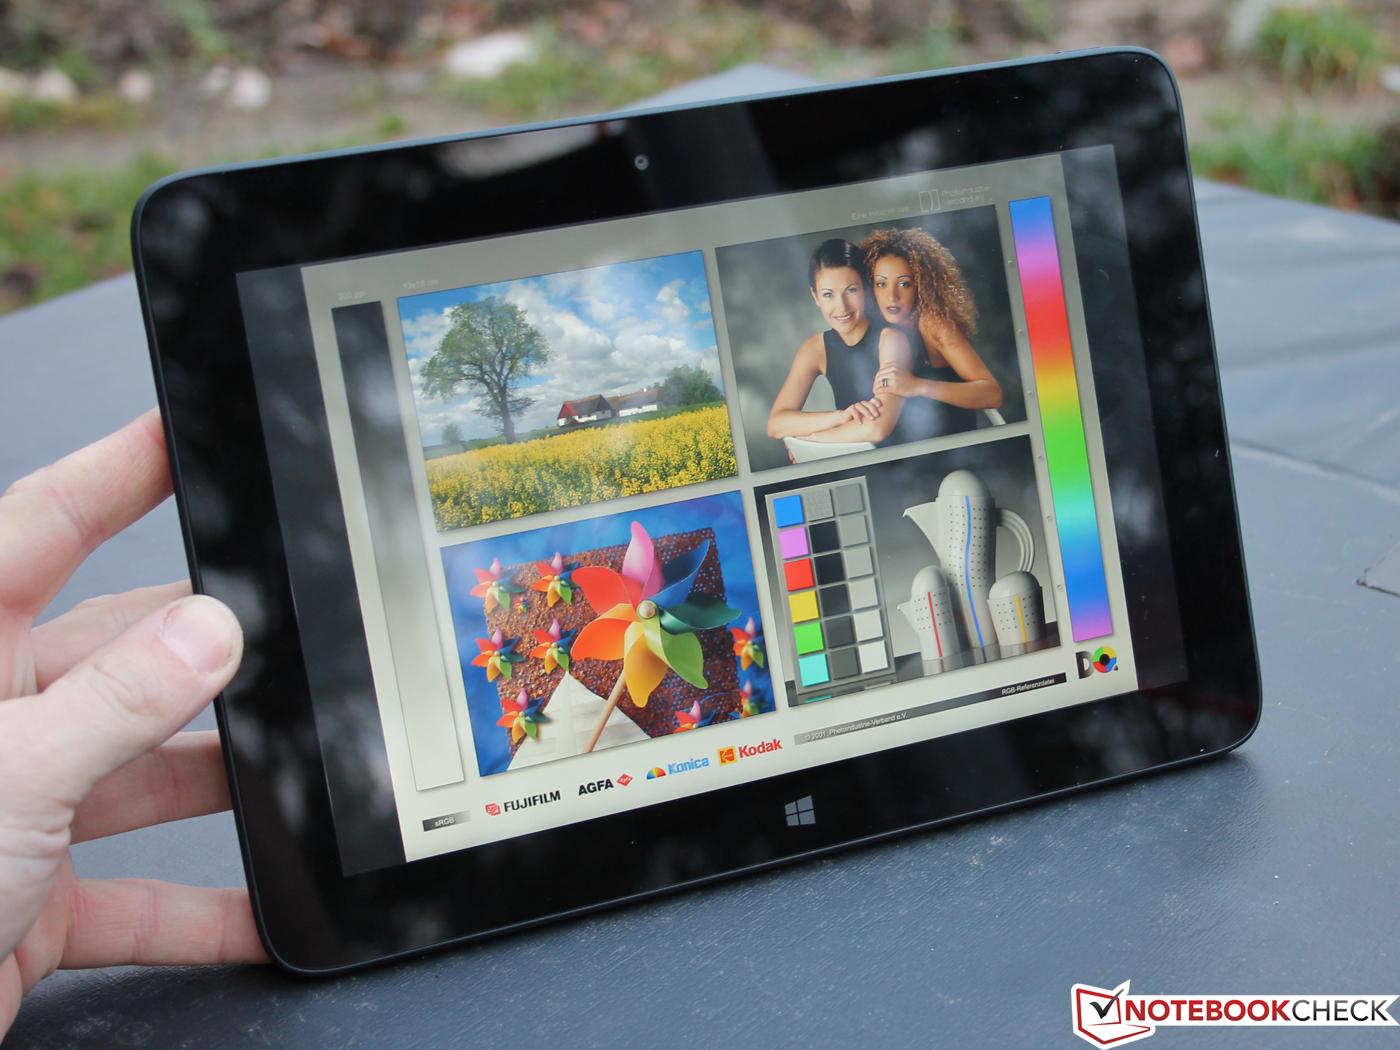 test hp omni 10 5600eg f4w59ea tablet notebookcheck. Black Bedroom Furniture Sets. Home Design Ideas